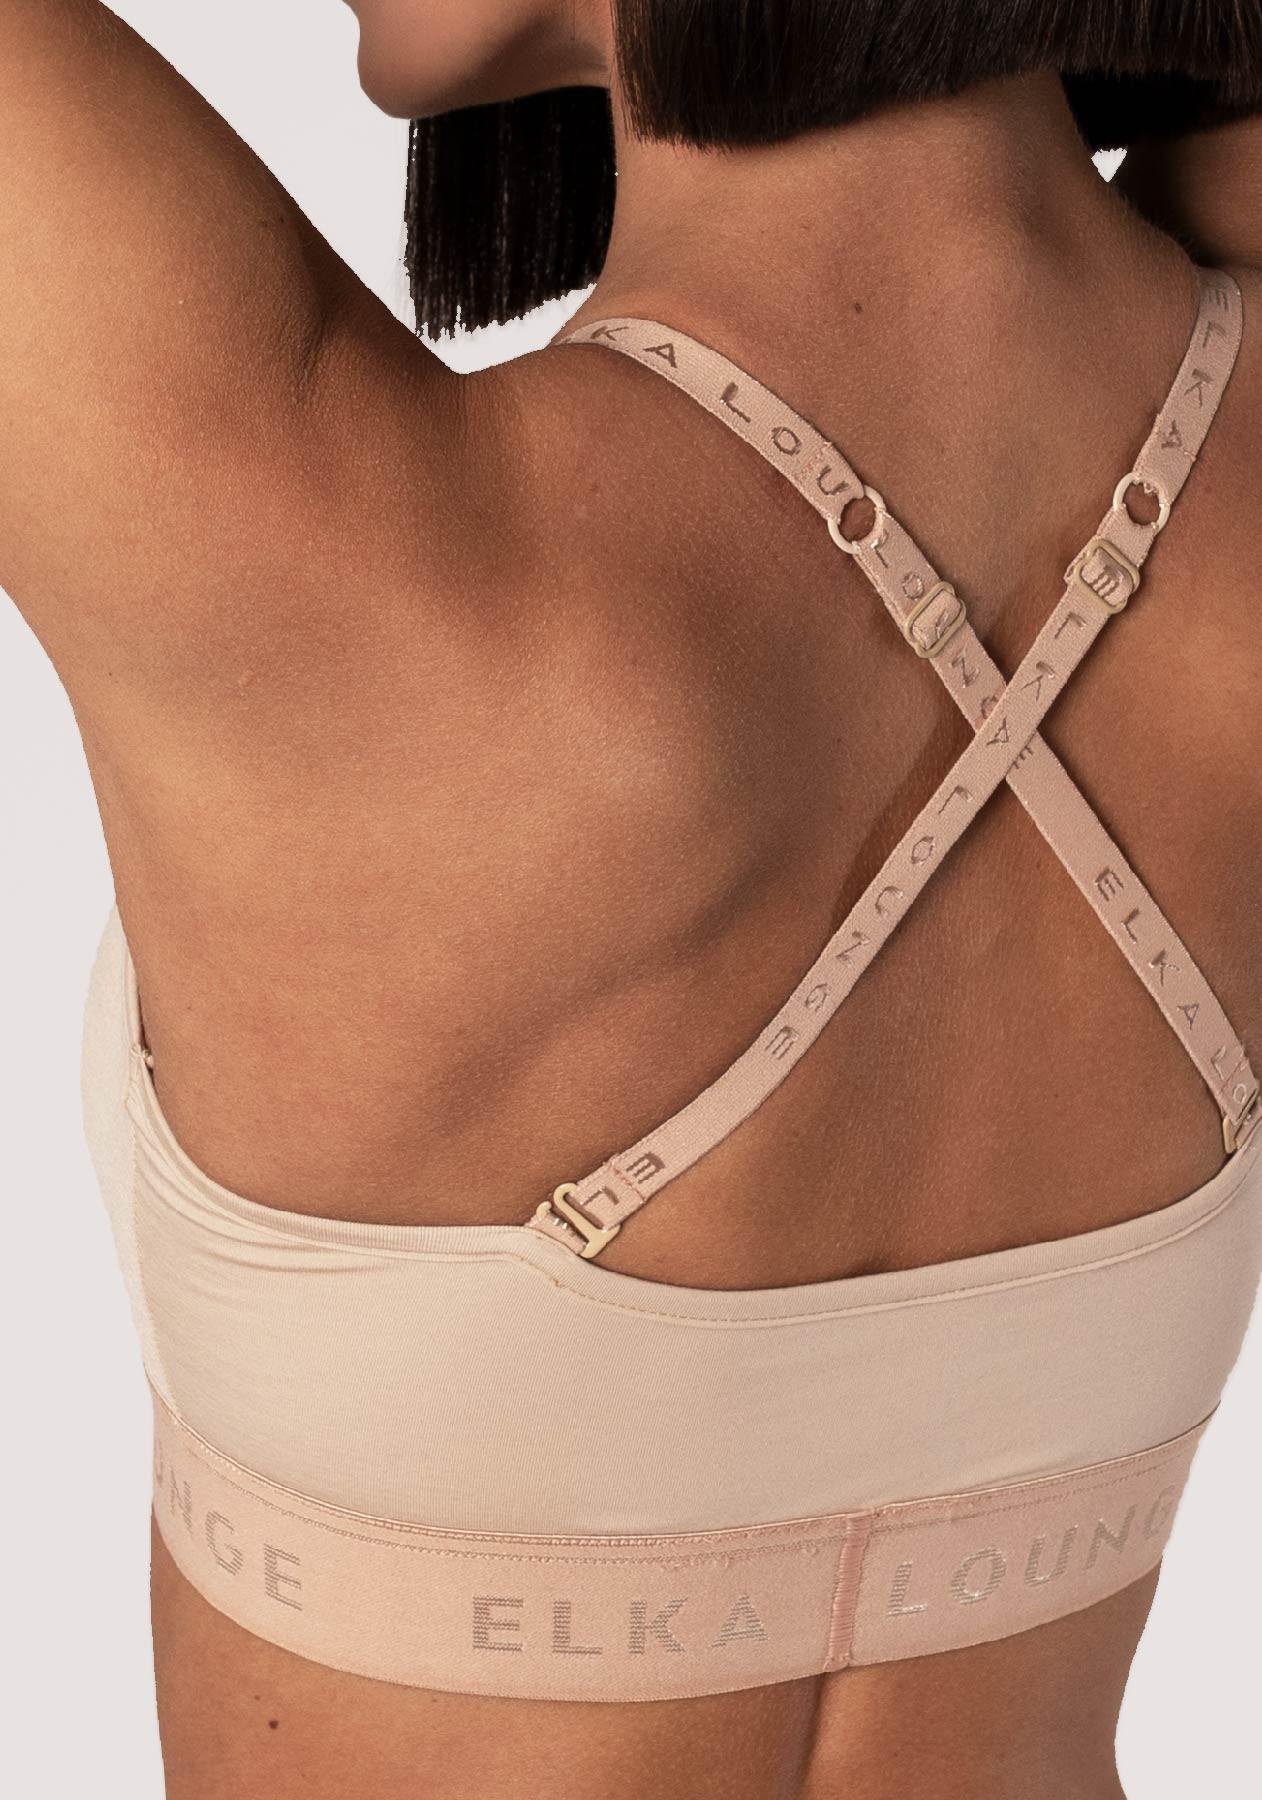 Women-shorts, bras-ELKA-Lounge-W00551,557